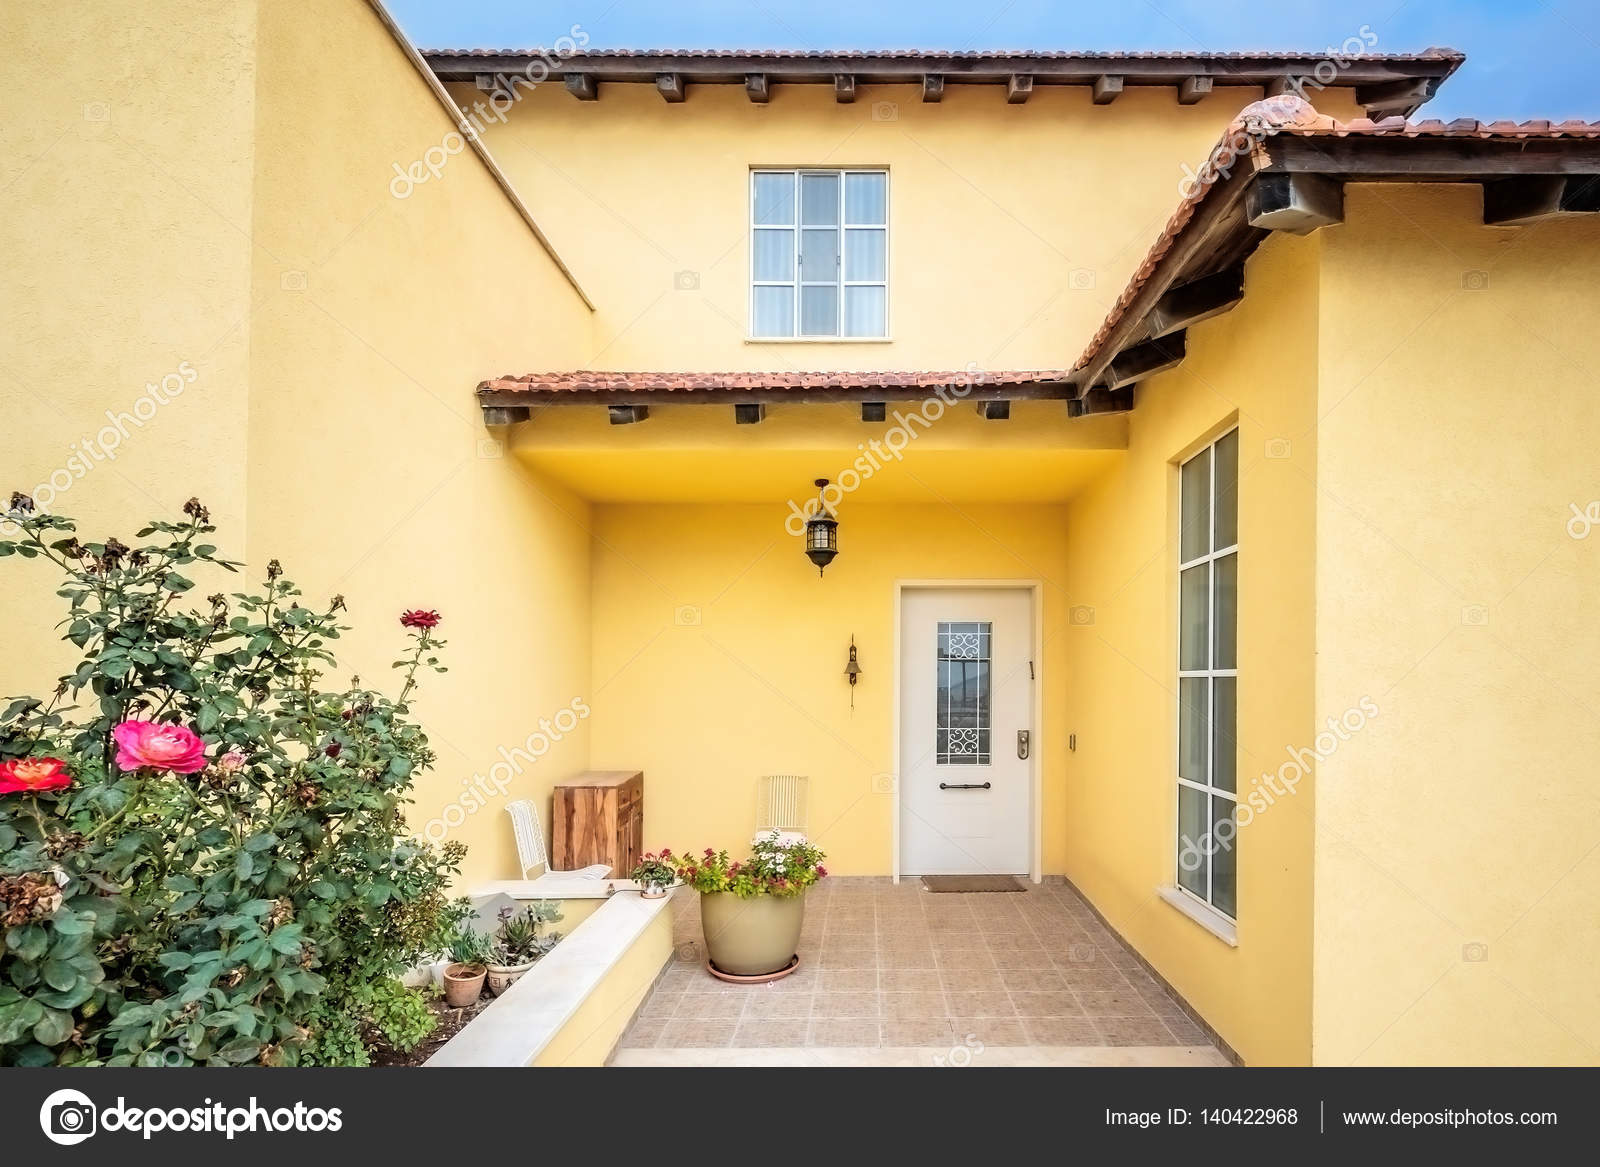 Bezaubernd Moderne Hauseingänge Das Beste Von Moderner Eingang — Stockfoto